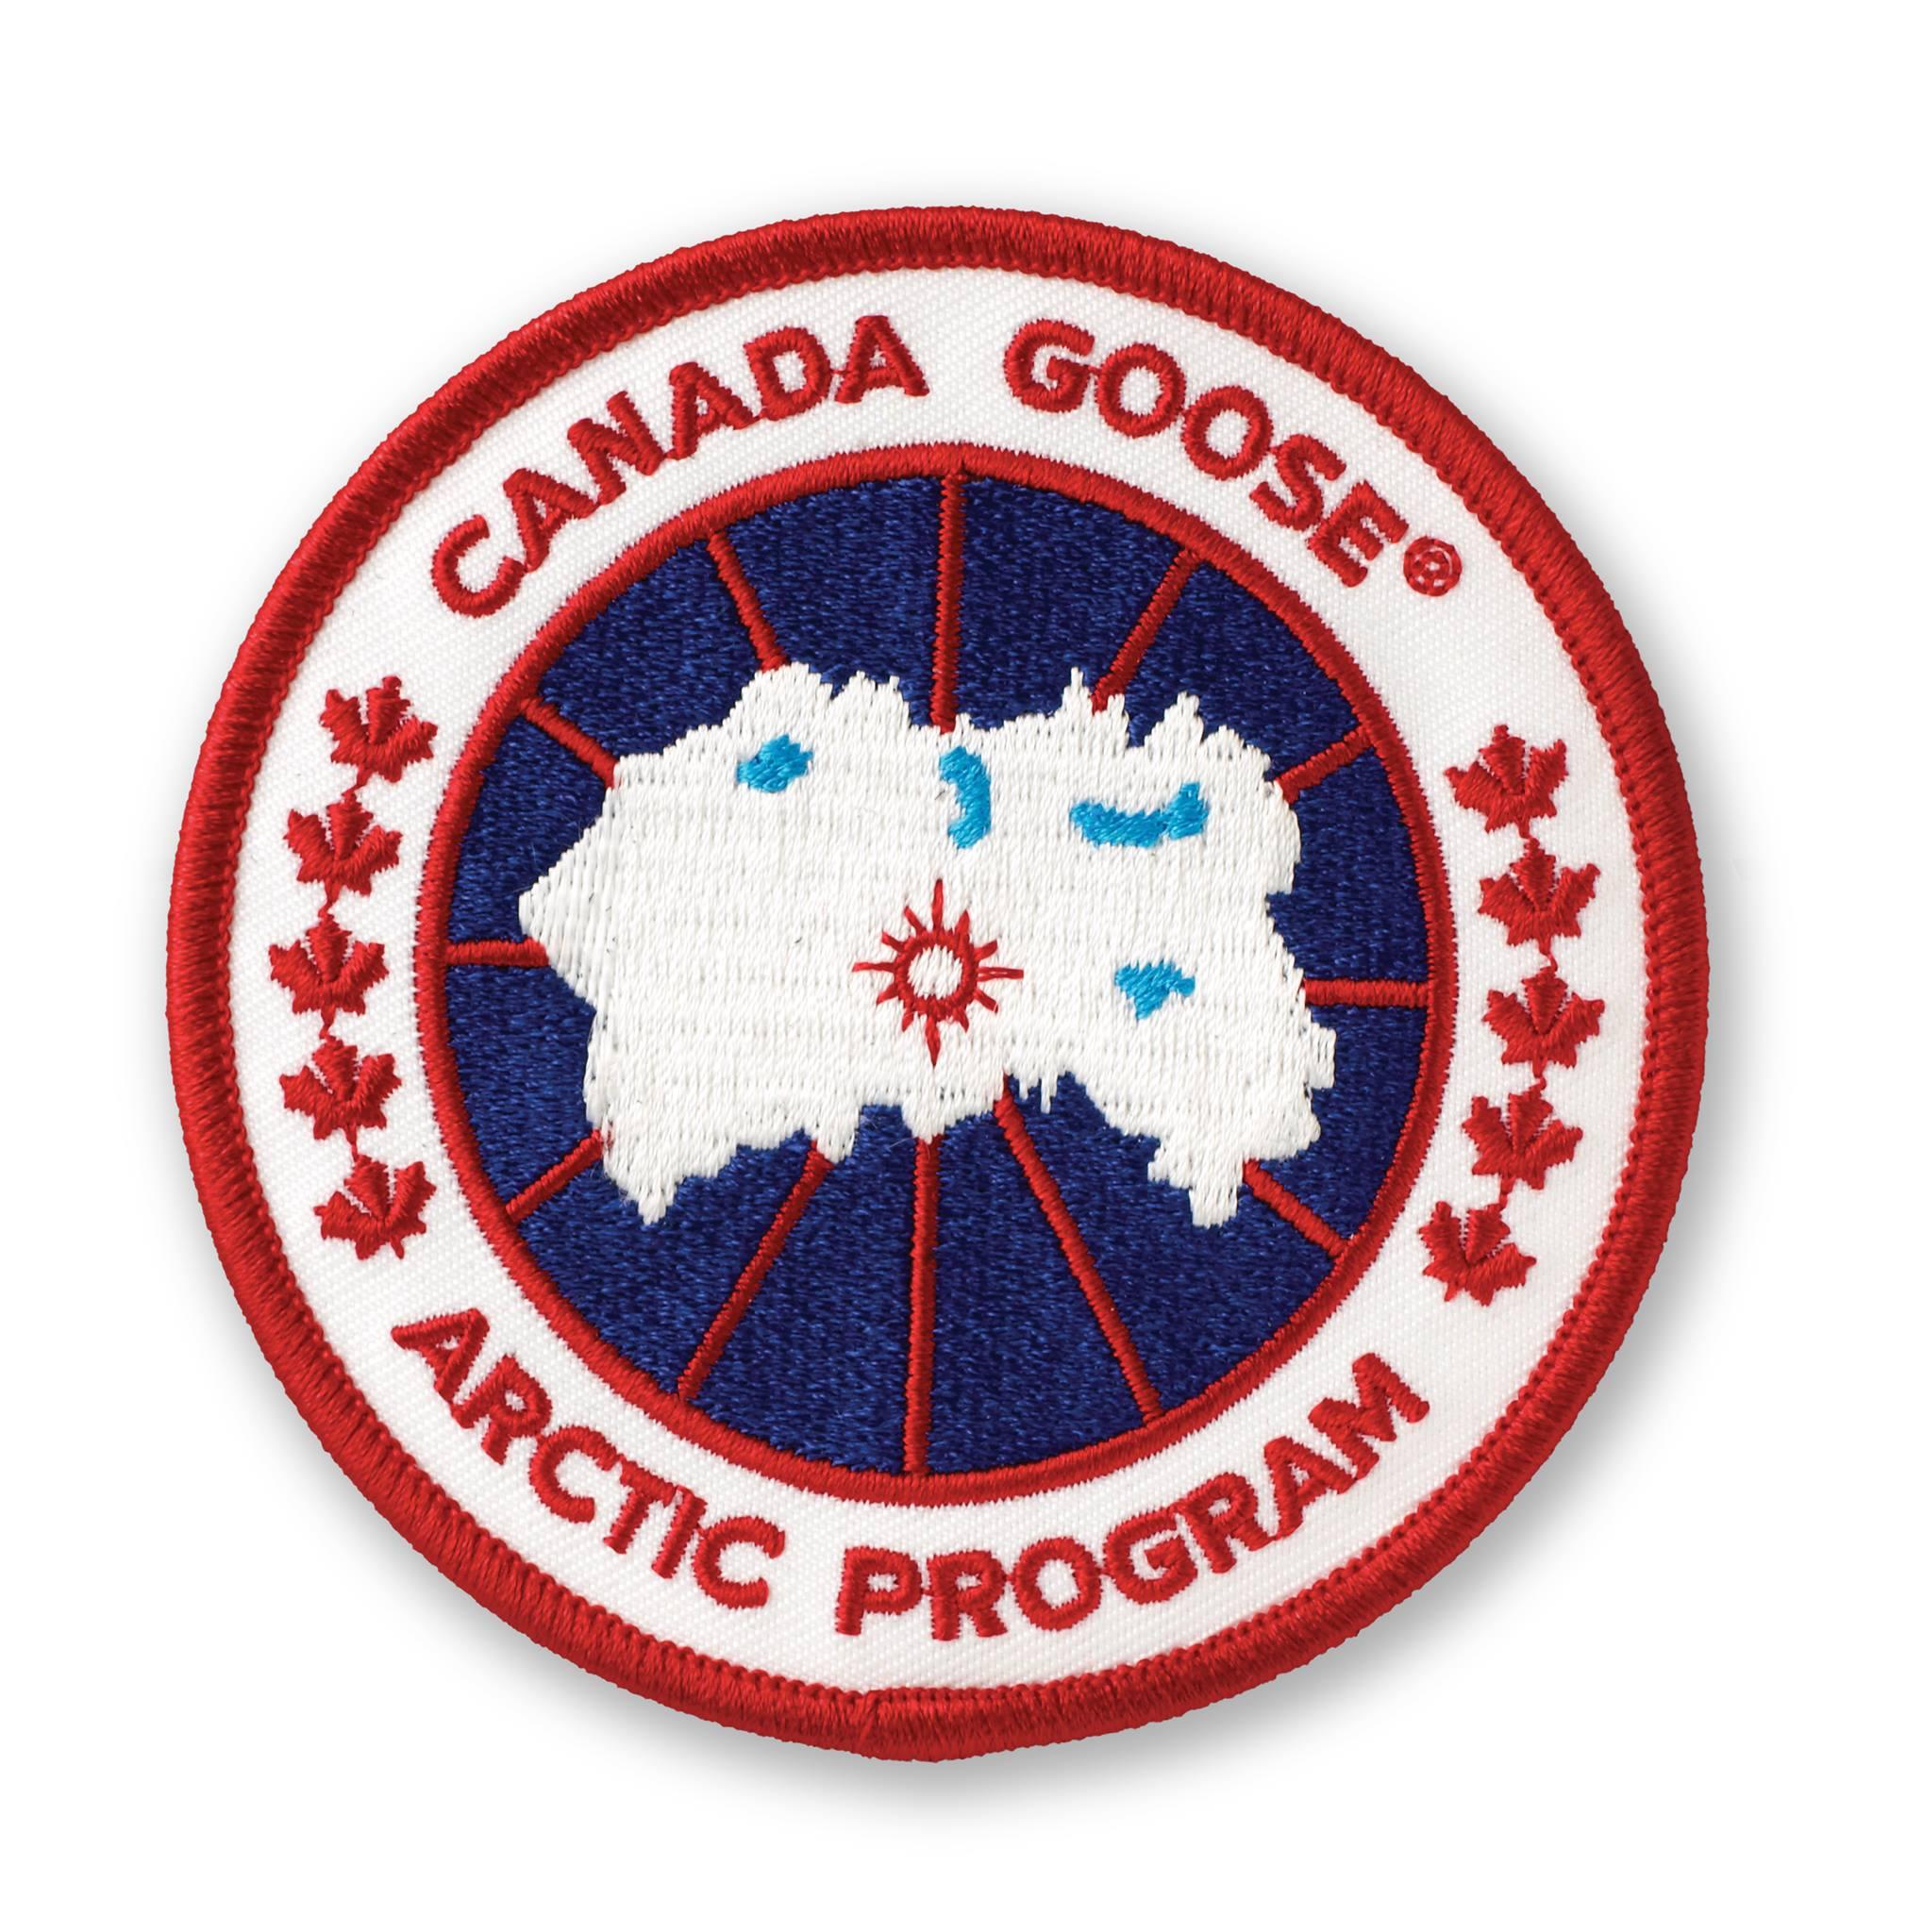 加拿大鹅 Canada Goose